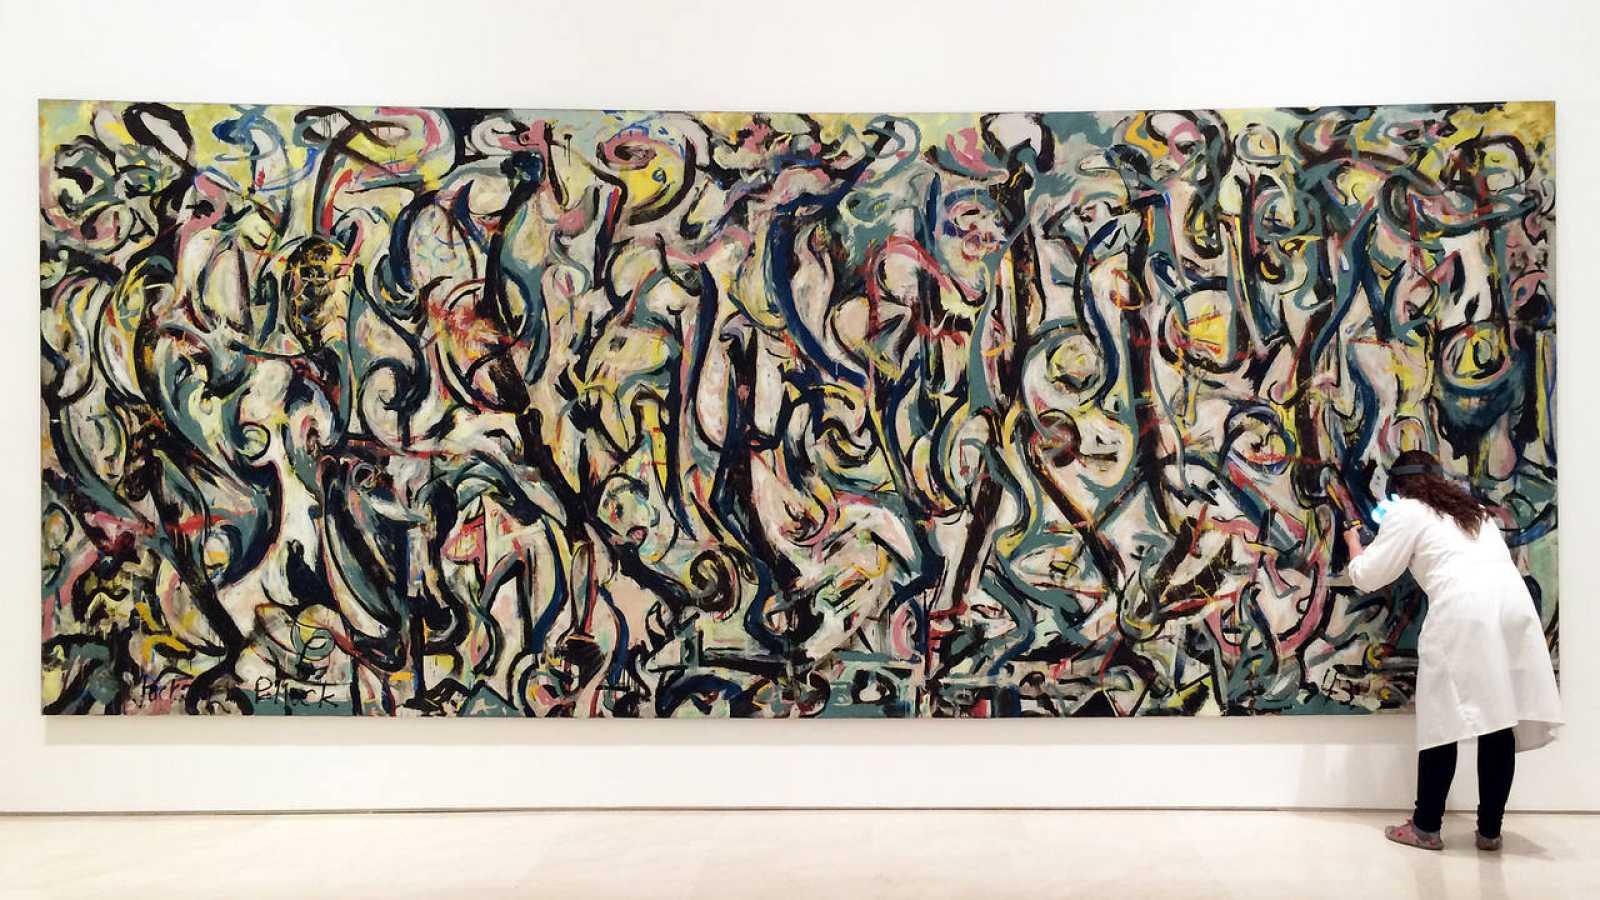 Mural Cuando Jackson Pollock Pario El Expresionismo Abstracto